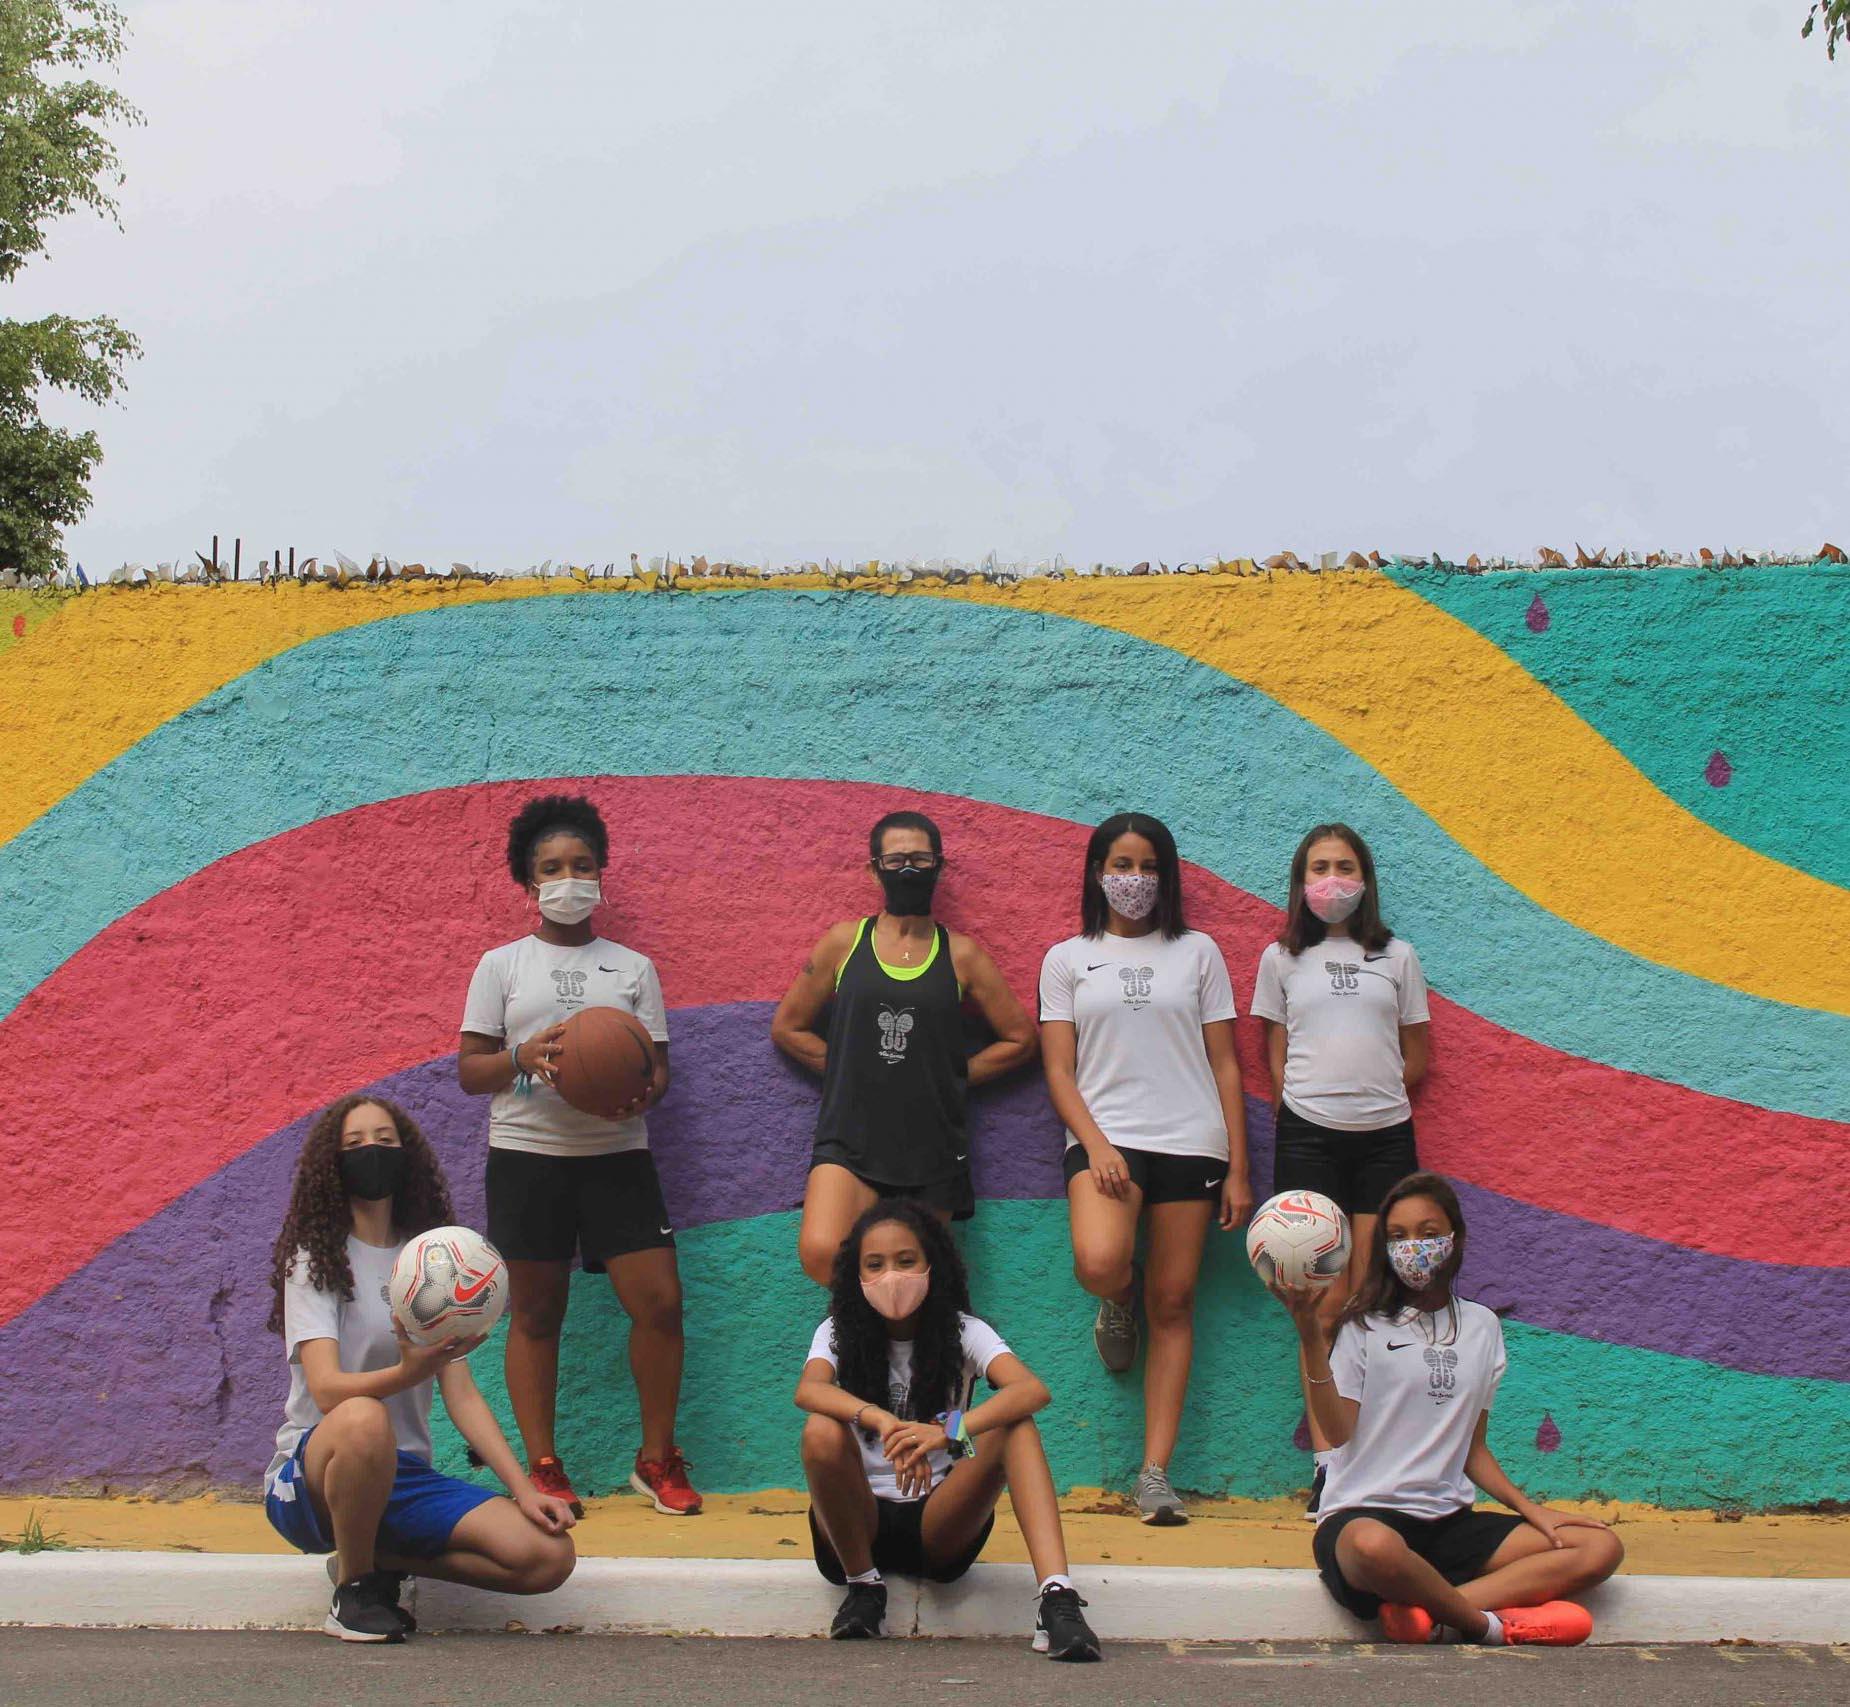 ONG Vida Corrida há 21 anos transforma vidas através do esporte no bairro do Capão Redondo, em São Paulo